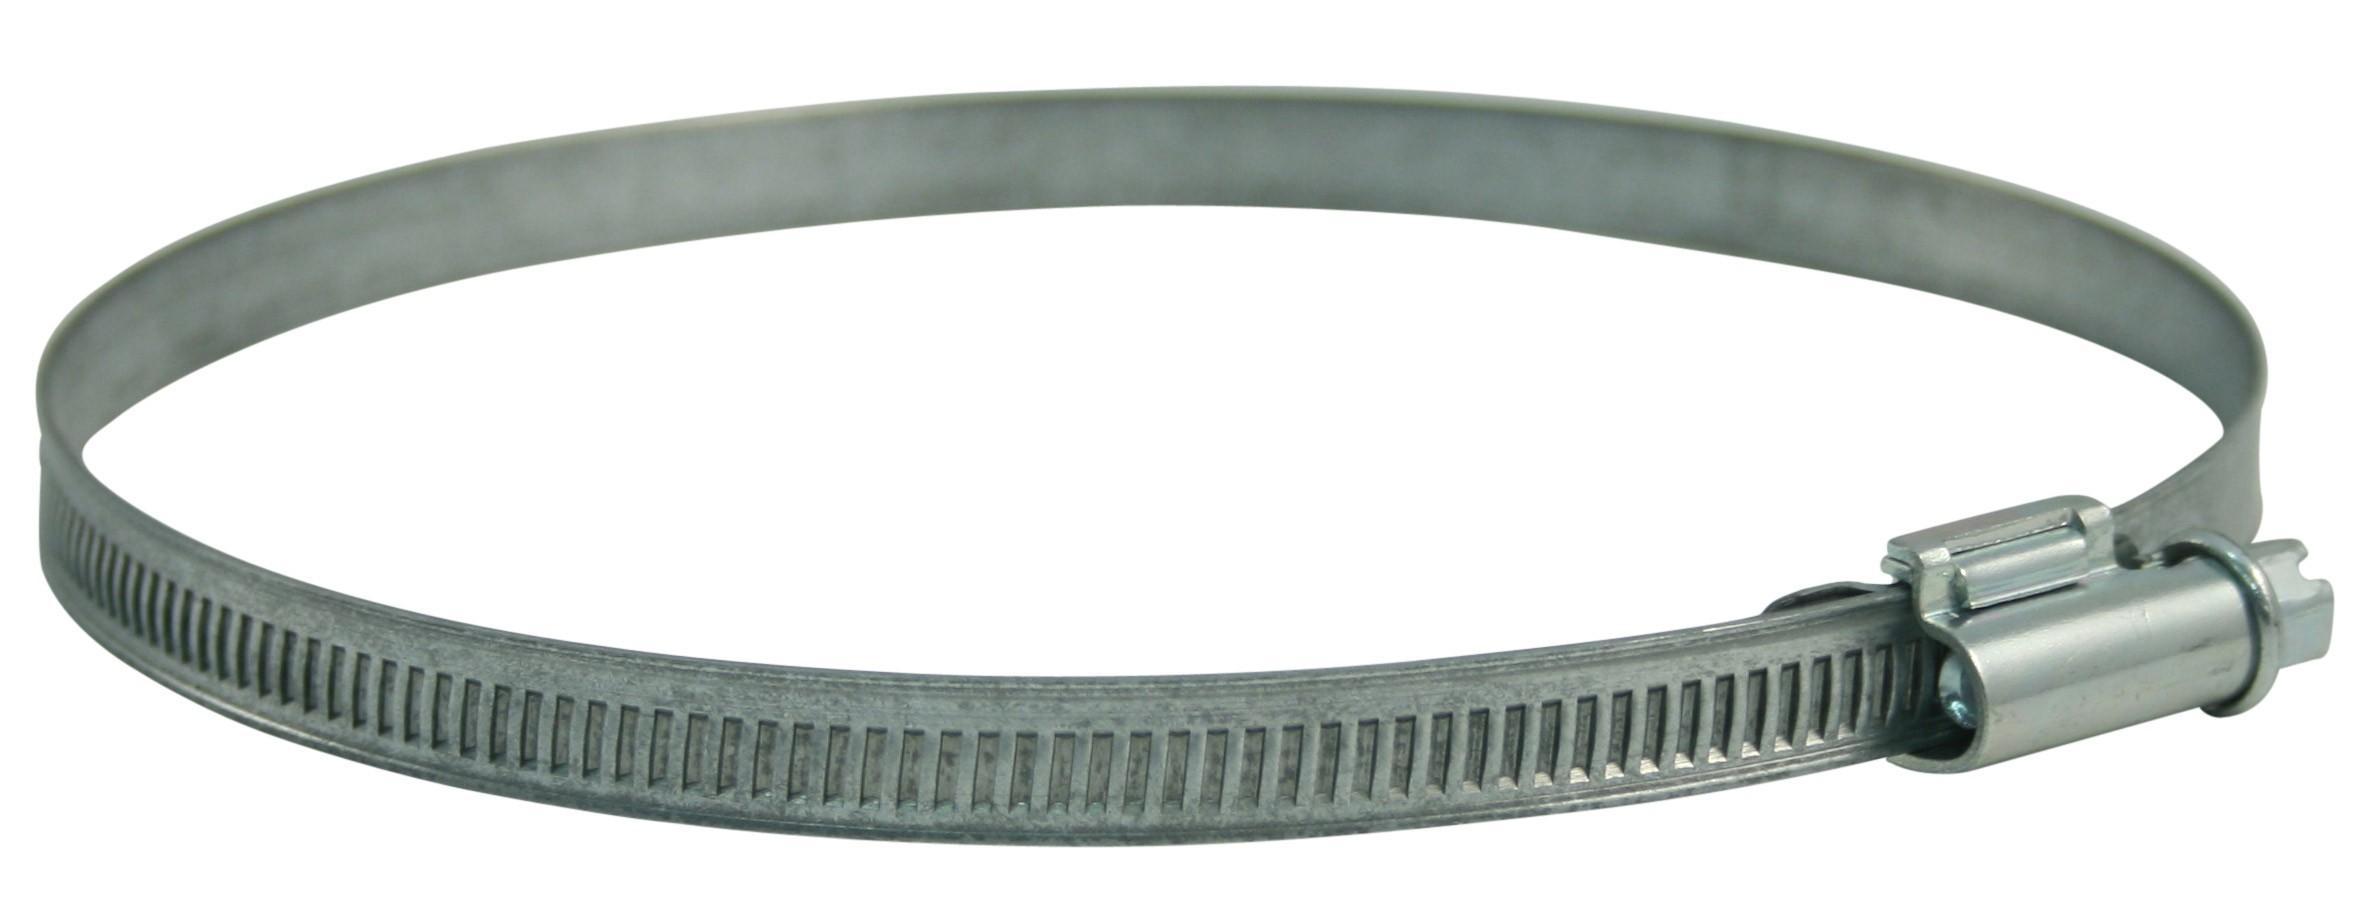 Rohrschelle verzinkt verstellbar von 80 - 130 mm Bild 1